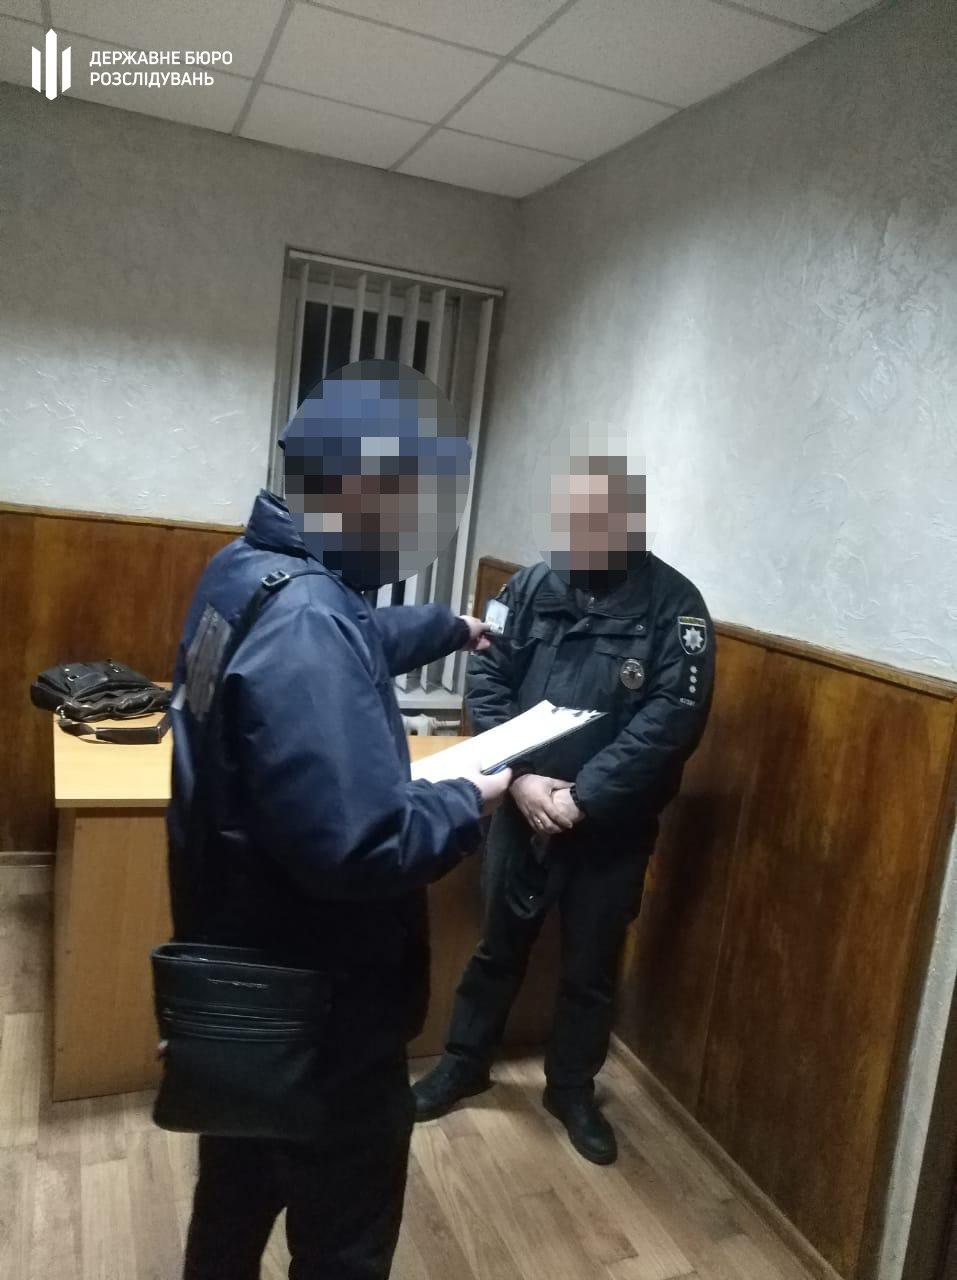 Затримання правоохоронця, що вимагав хабар. Фото - dbr.gov.ua